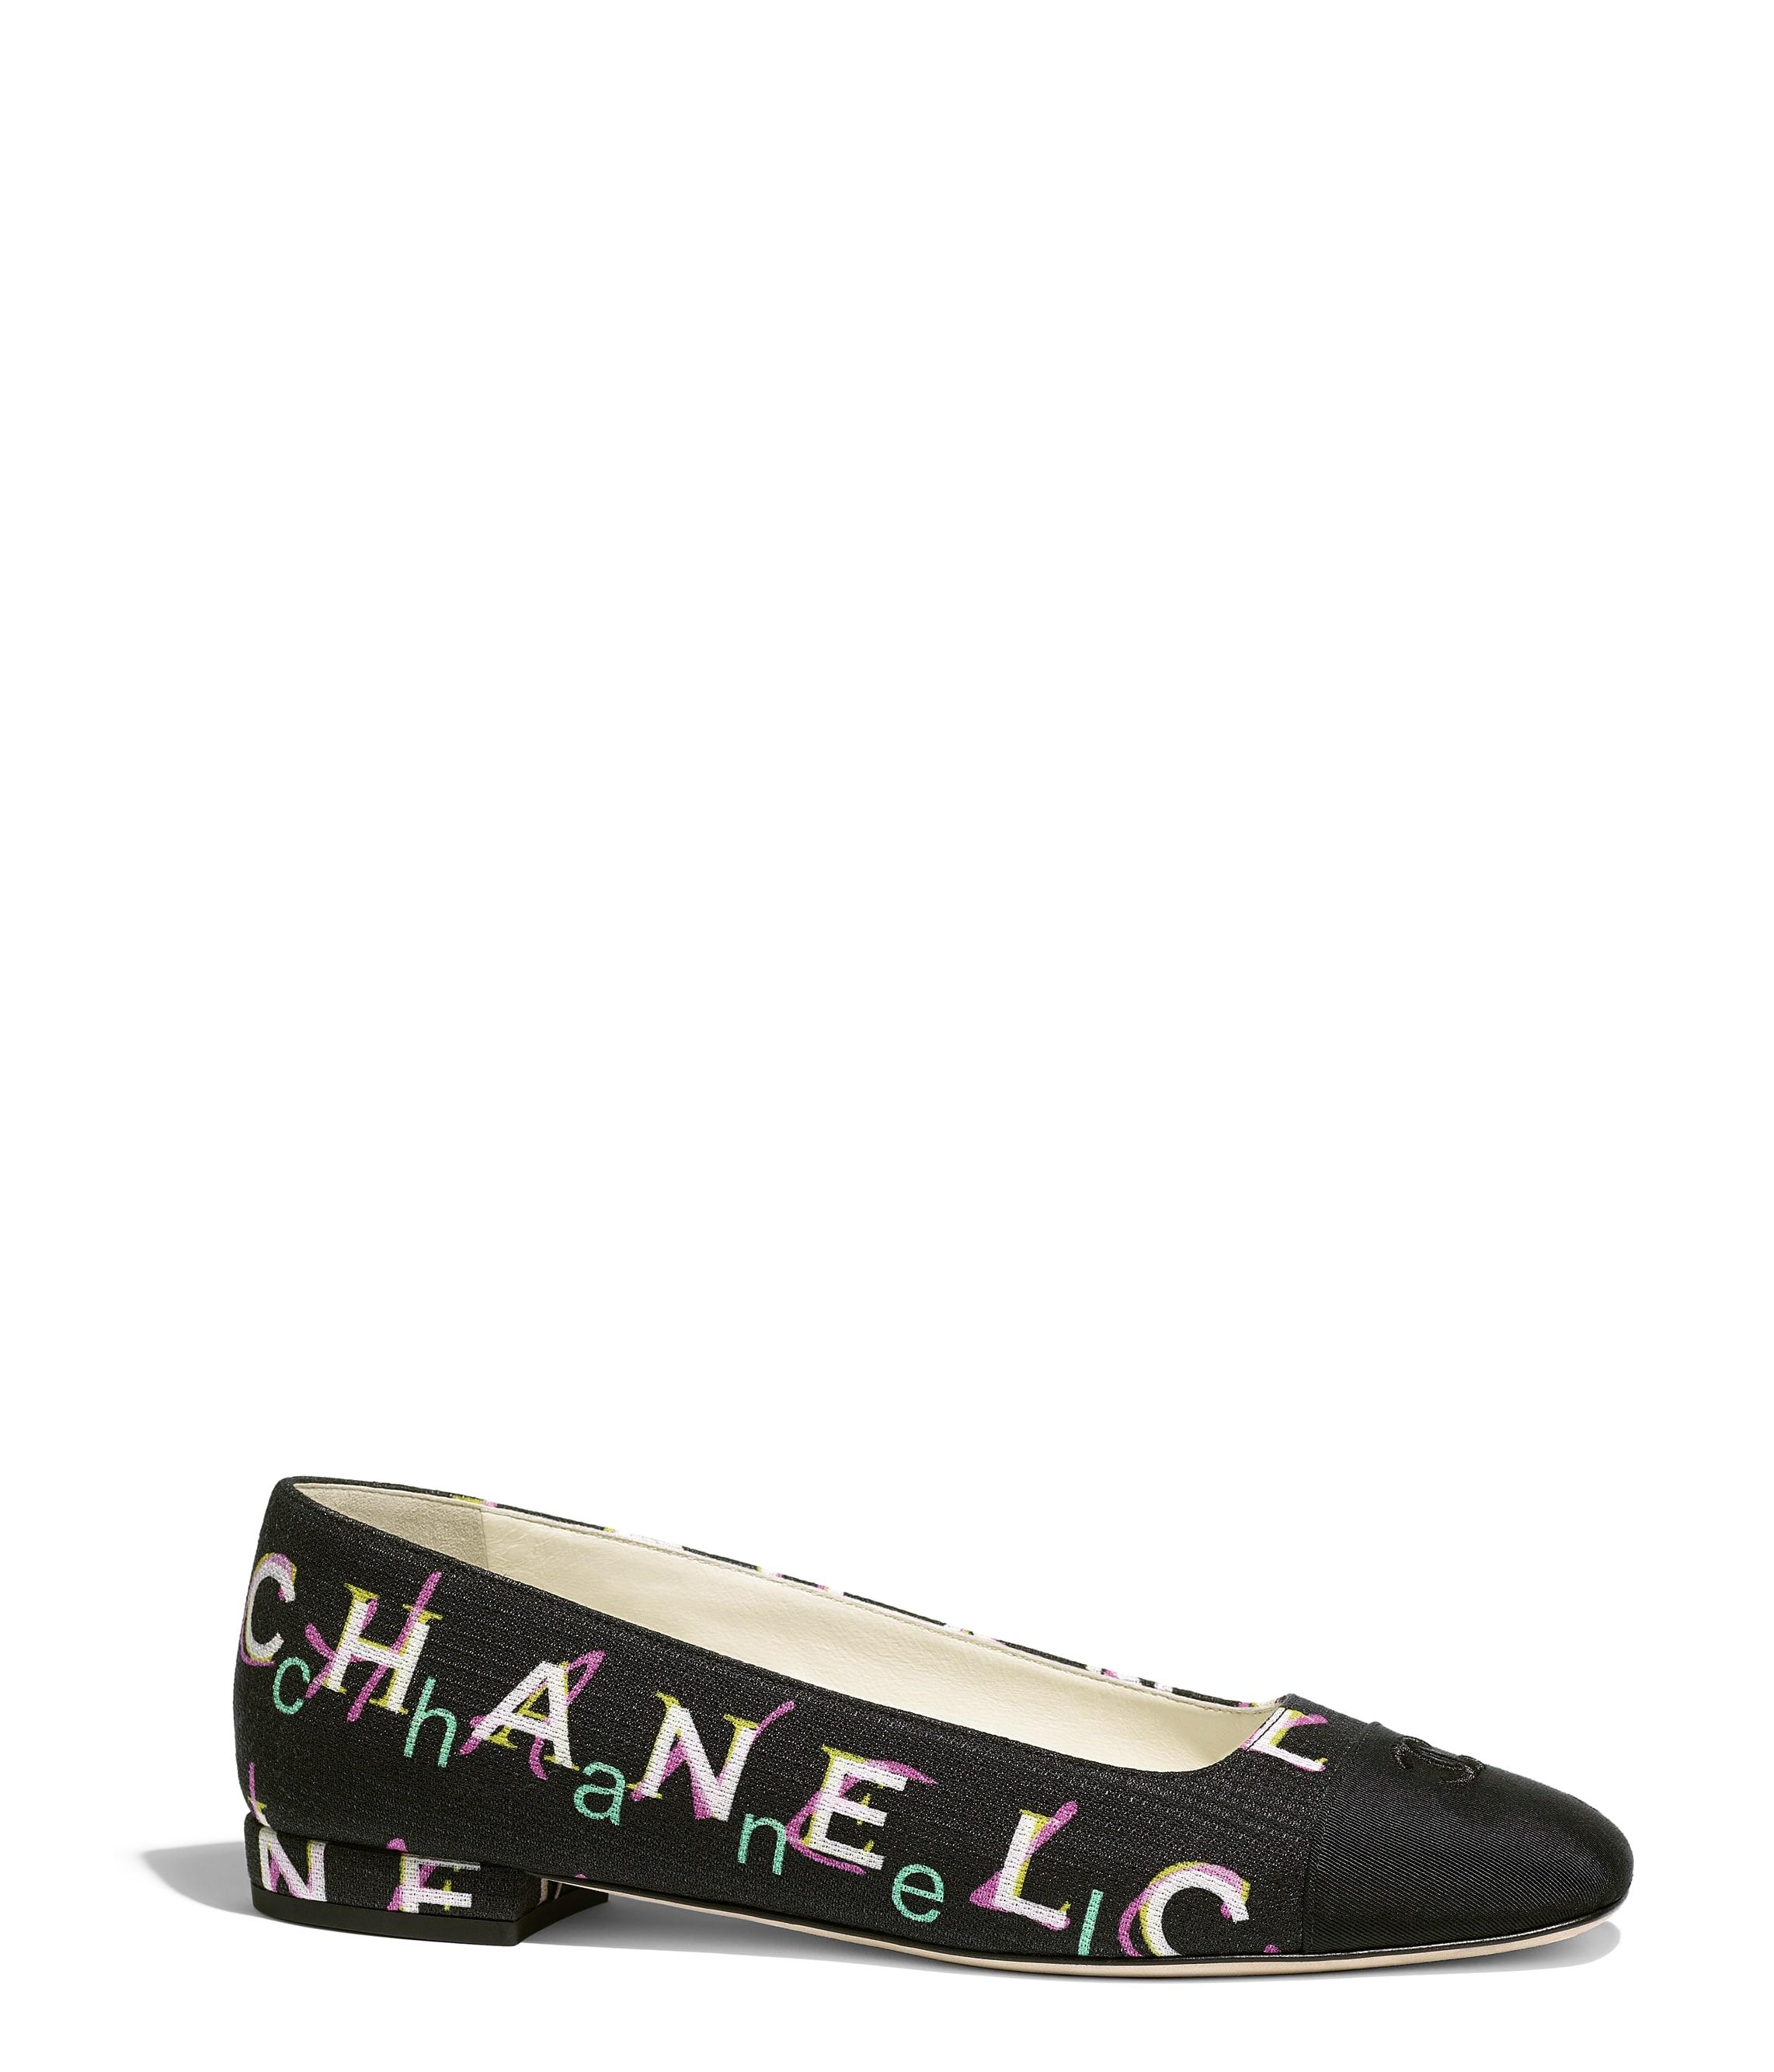 e6283046bac Ballerinas - Shoes - CHANEL